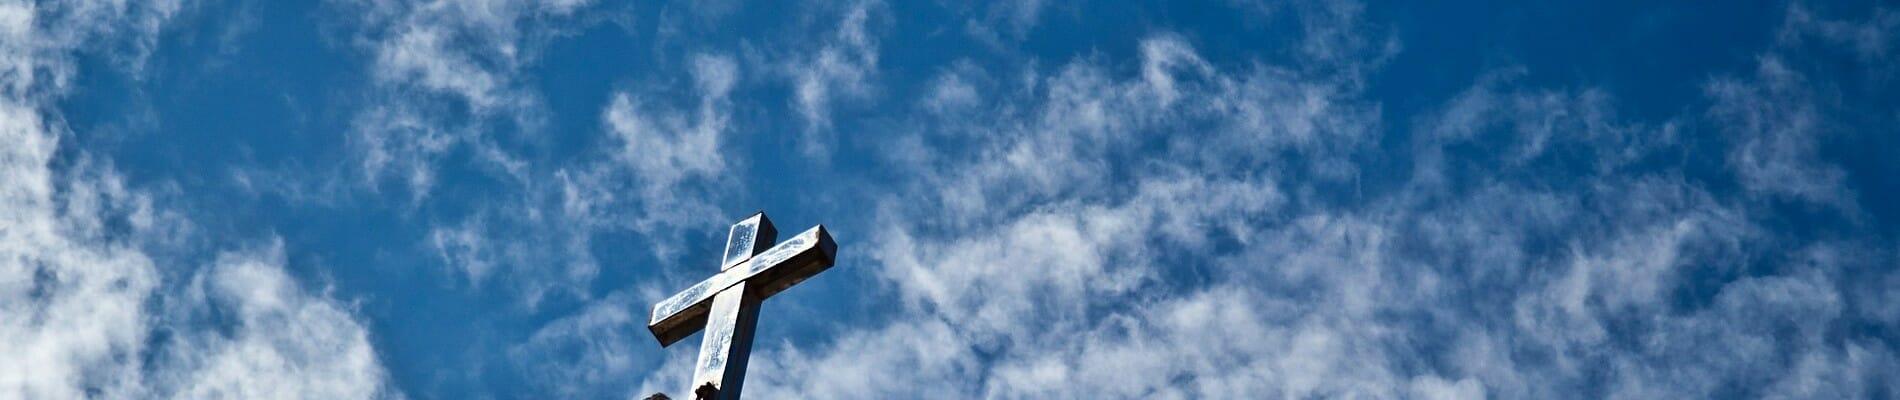 ようこそ、福音宣教 鹿児島教会へ